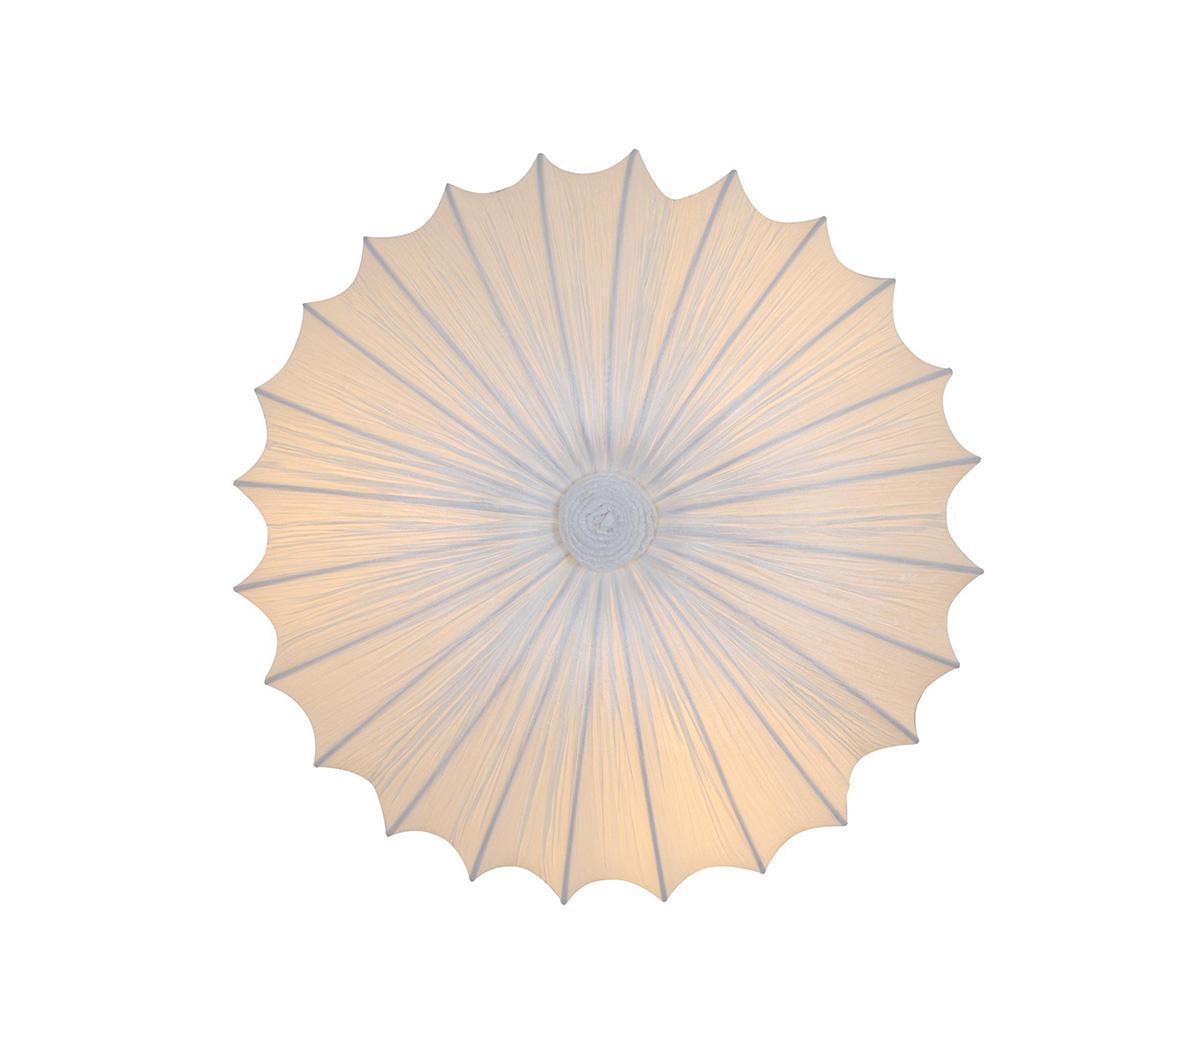 Потолочный светильник ST-LUCE SL351 052 05SL351 052 05Светильники и люстры - предметы, без которых мы не представляем себе комфортной жизни. Сегодня функции люстры не ограничиваются освещением помещения. Она также является центральной фигурой интерьера, подчеркивает общий стиль помещения, создает уют и дарит эстетическое удовольствие.